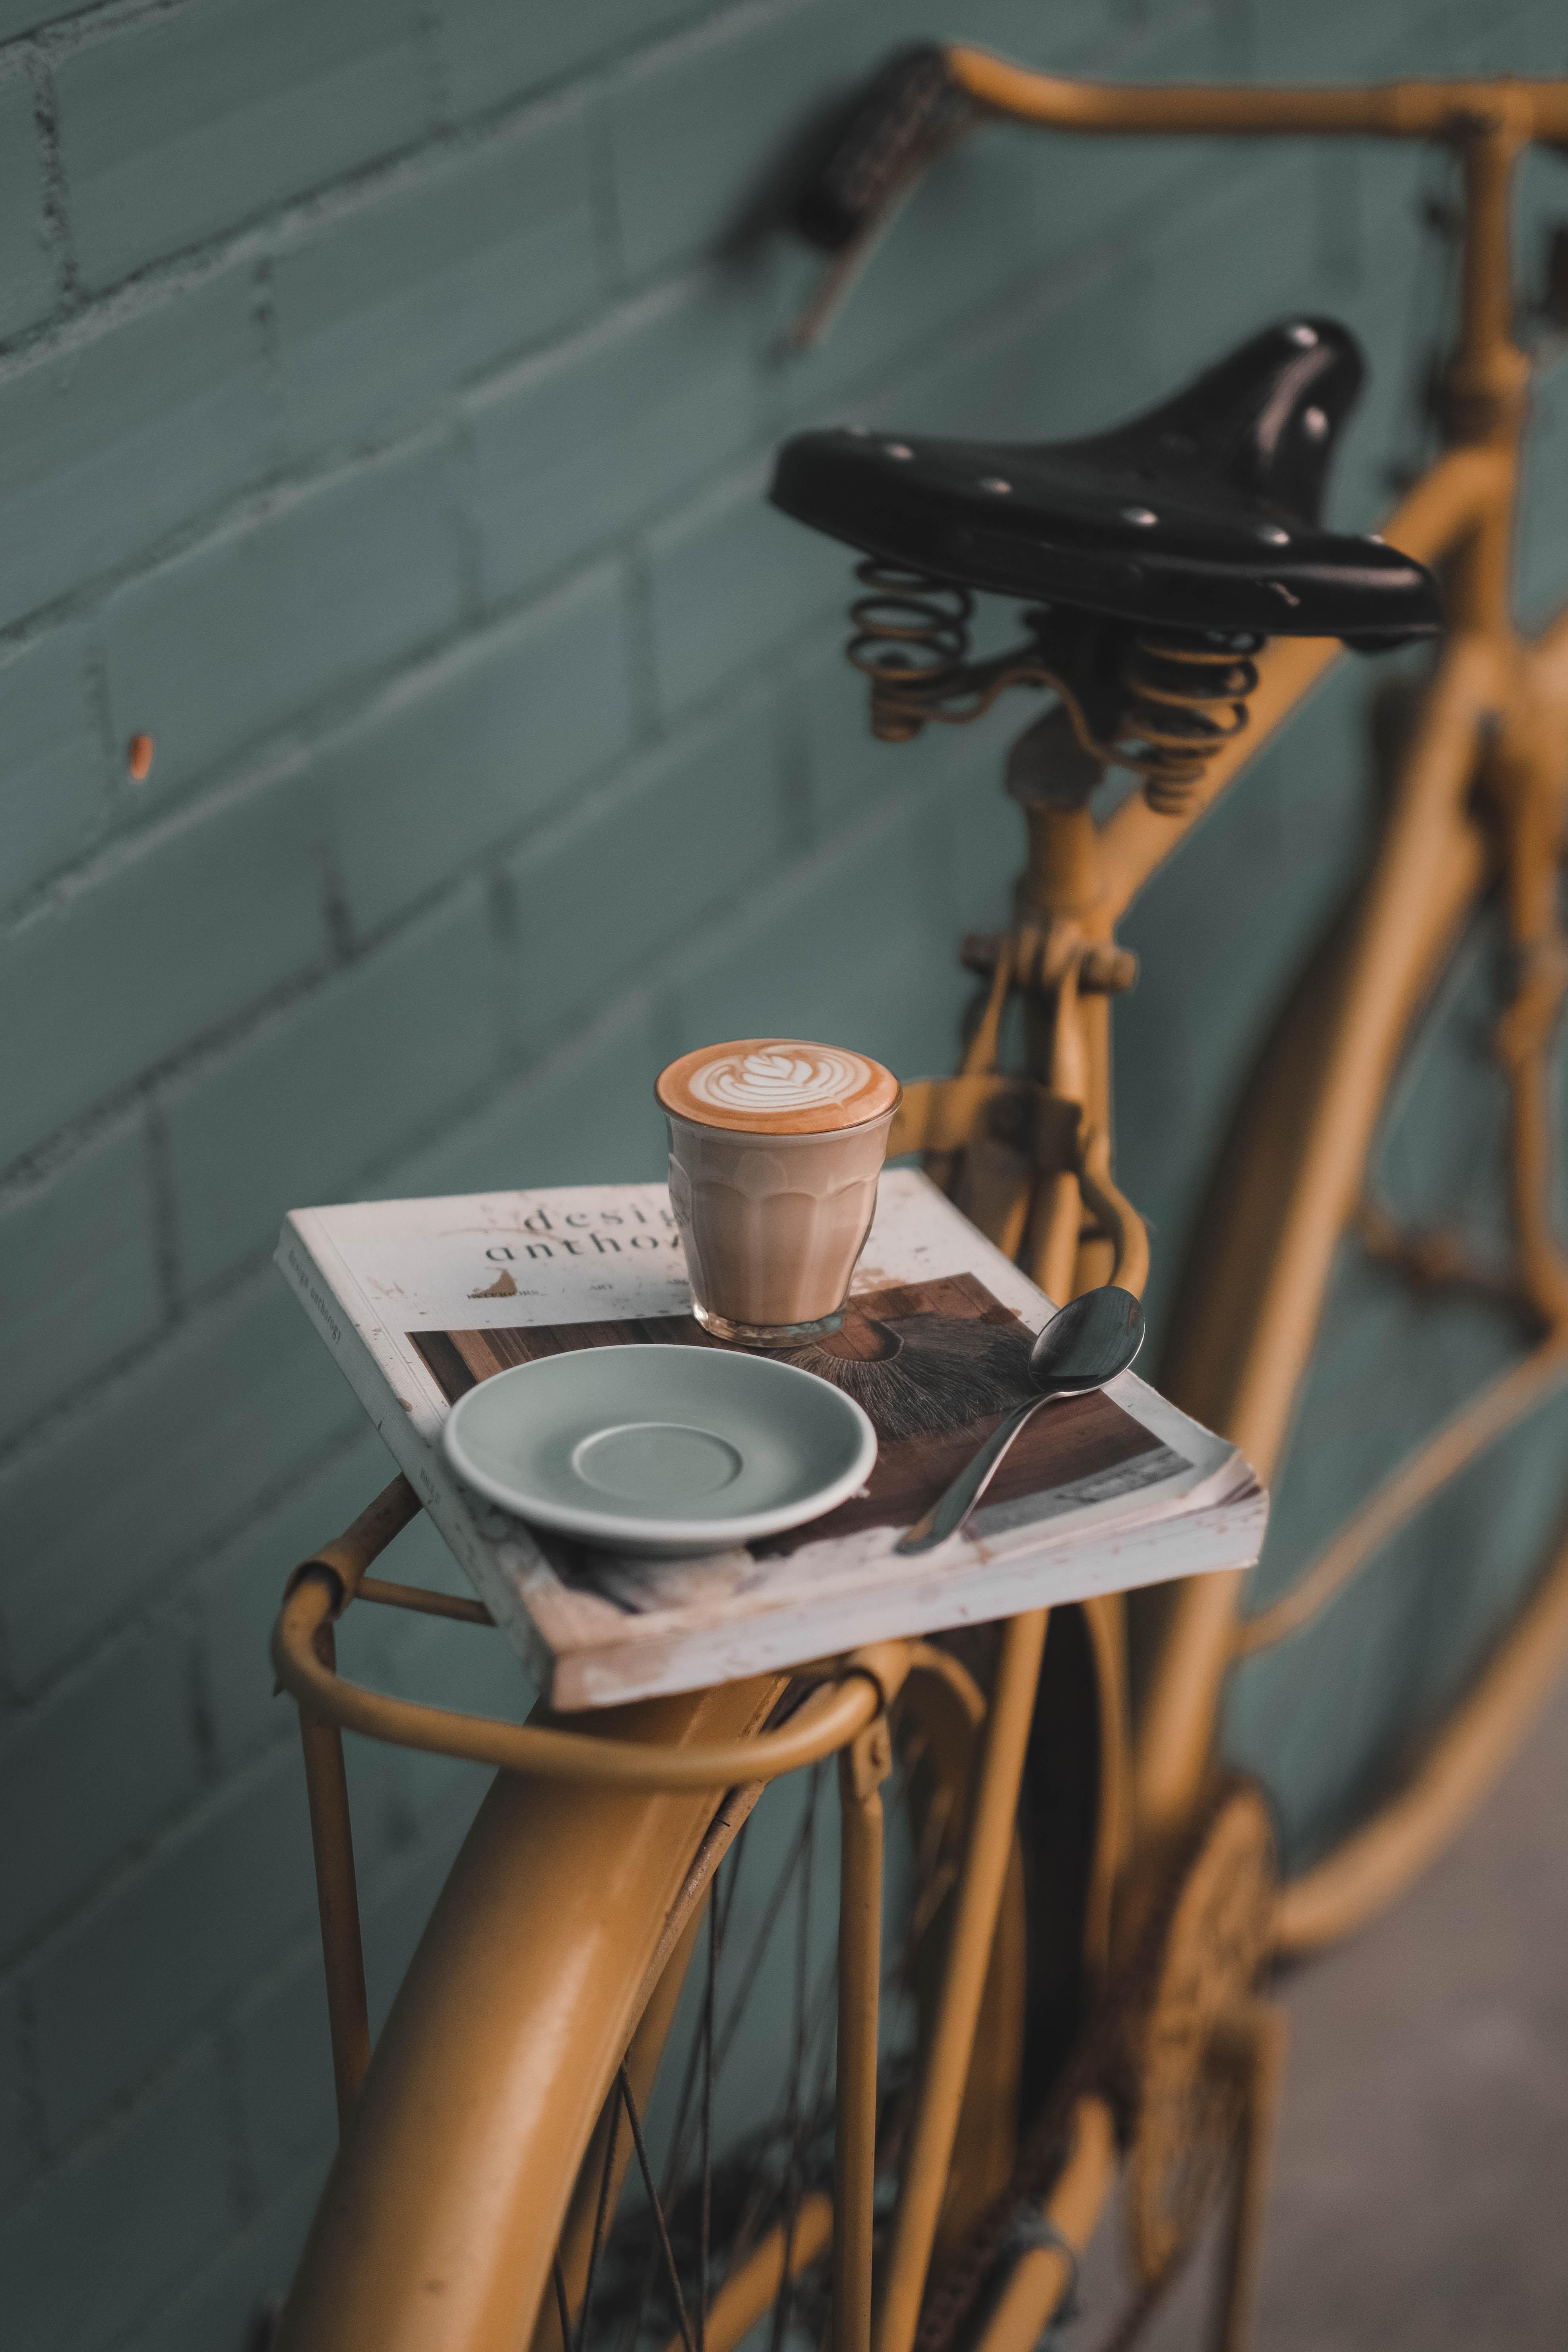 81774 Hintergrundbild herunterladen Getränke, Coffee, Verschiedenes, Sonstige, Glas, Fahrrad, Buch, Stimmung, Trinken - Bildschirmschoner und Bilder kostenlos